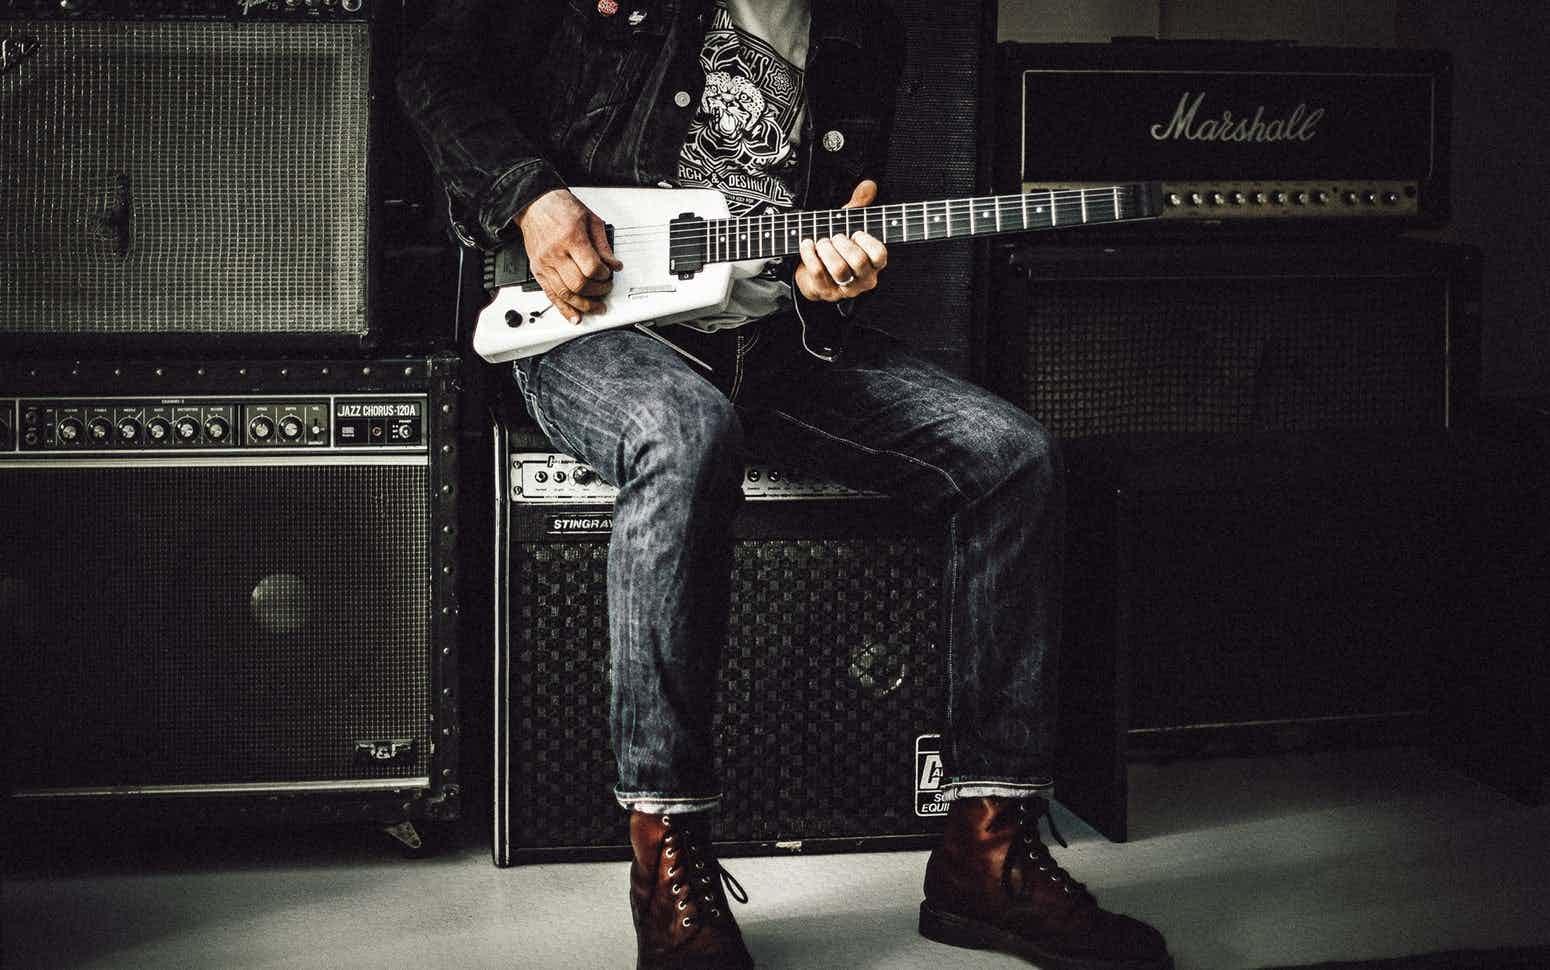 gitarist boeken